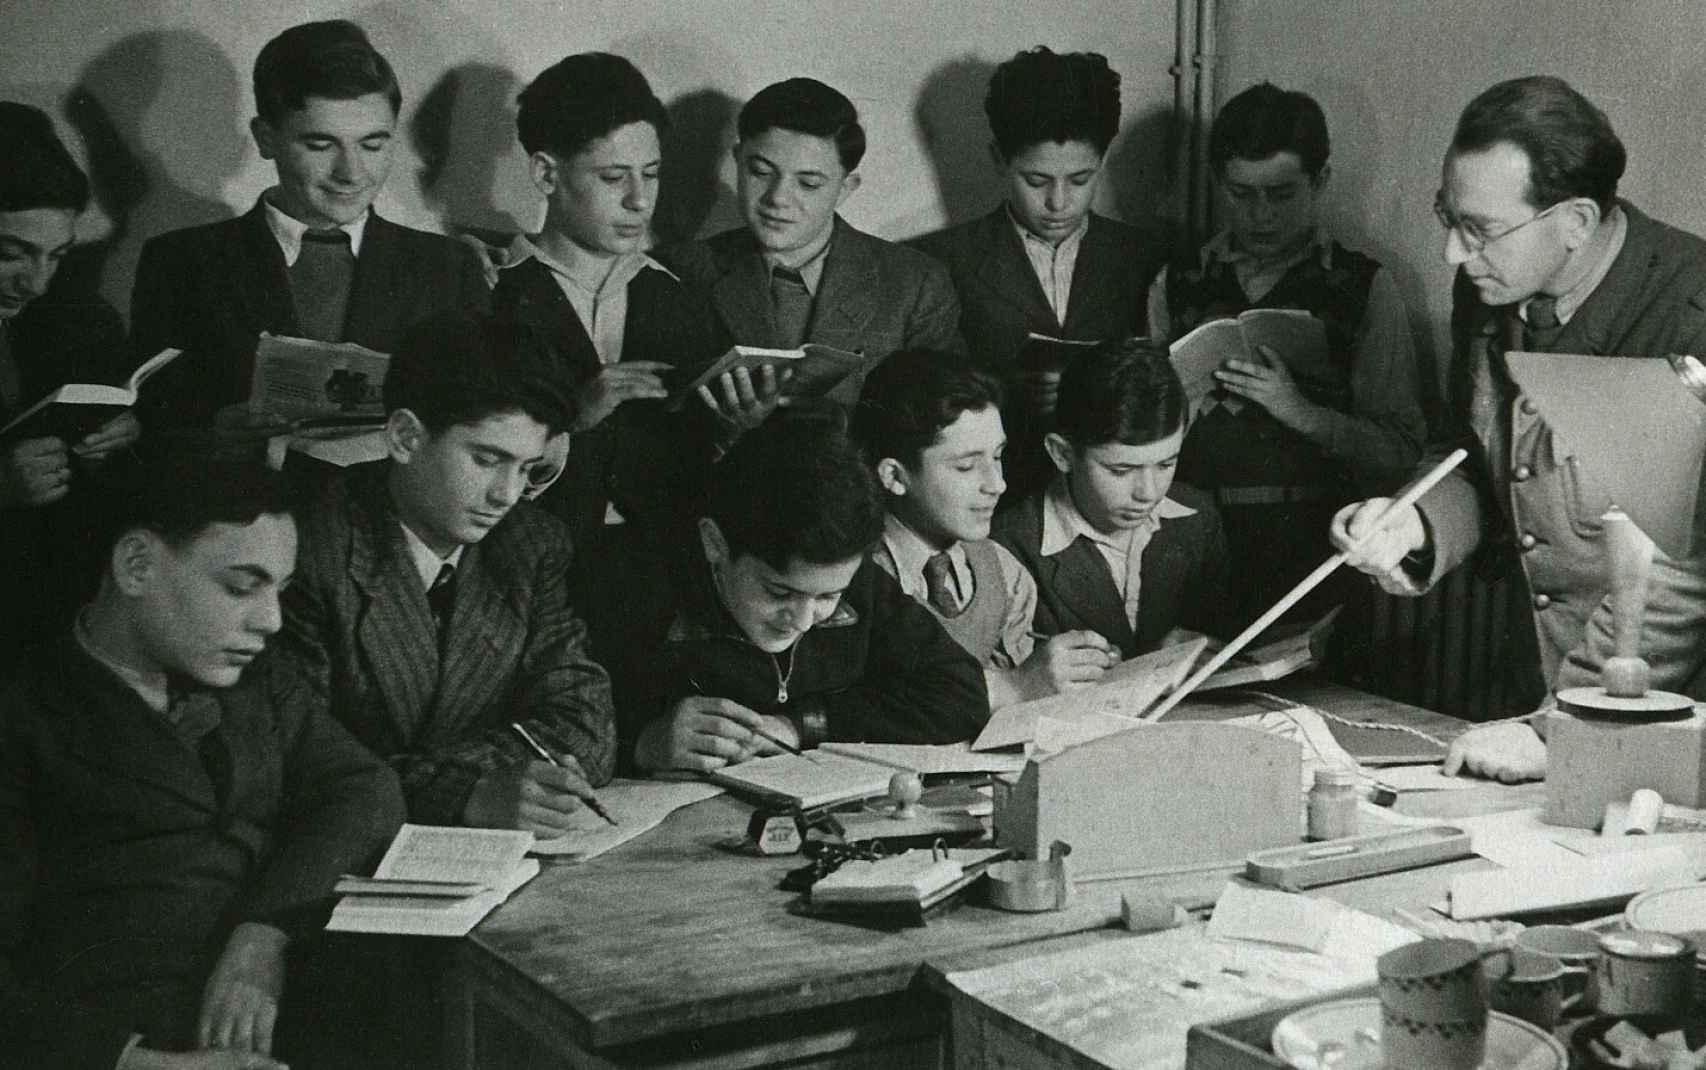 Algunos de los chicos en las clases con el profesor Manfred Reingwitz.